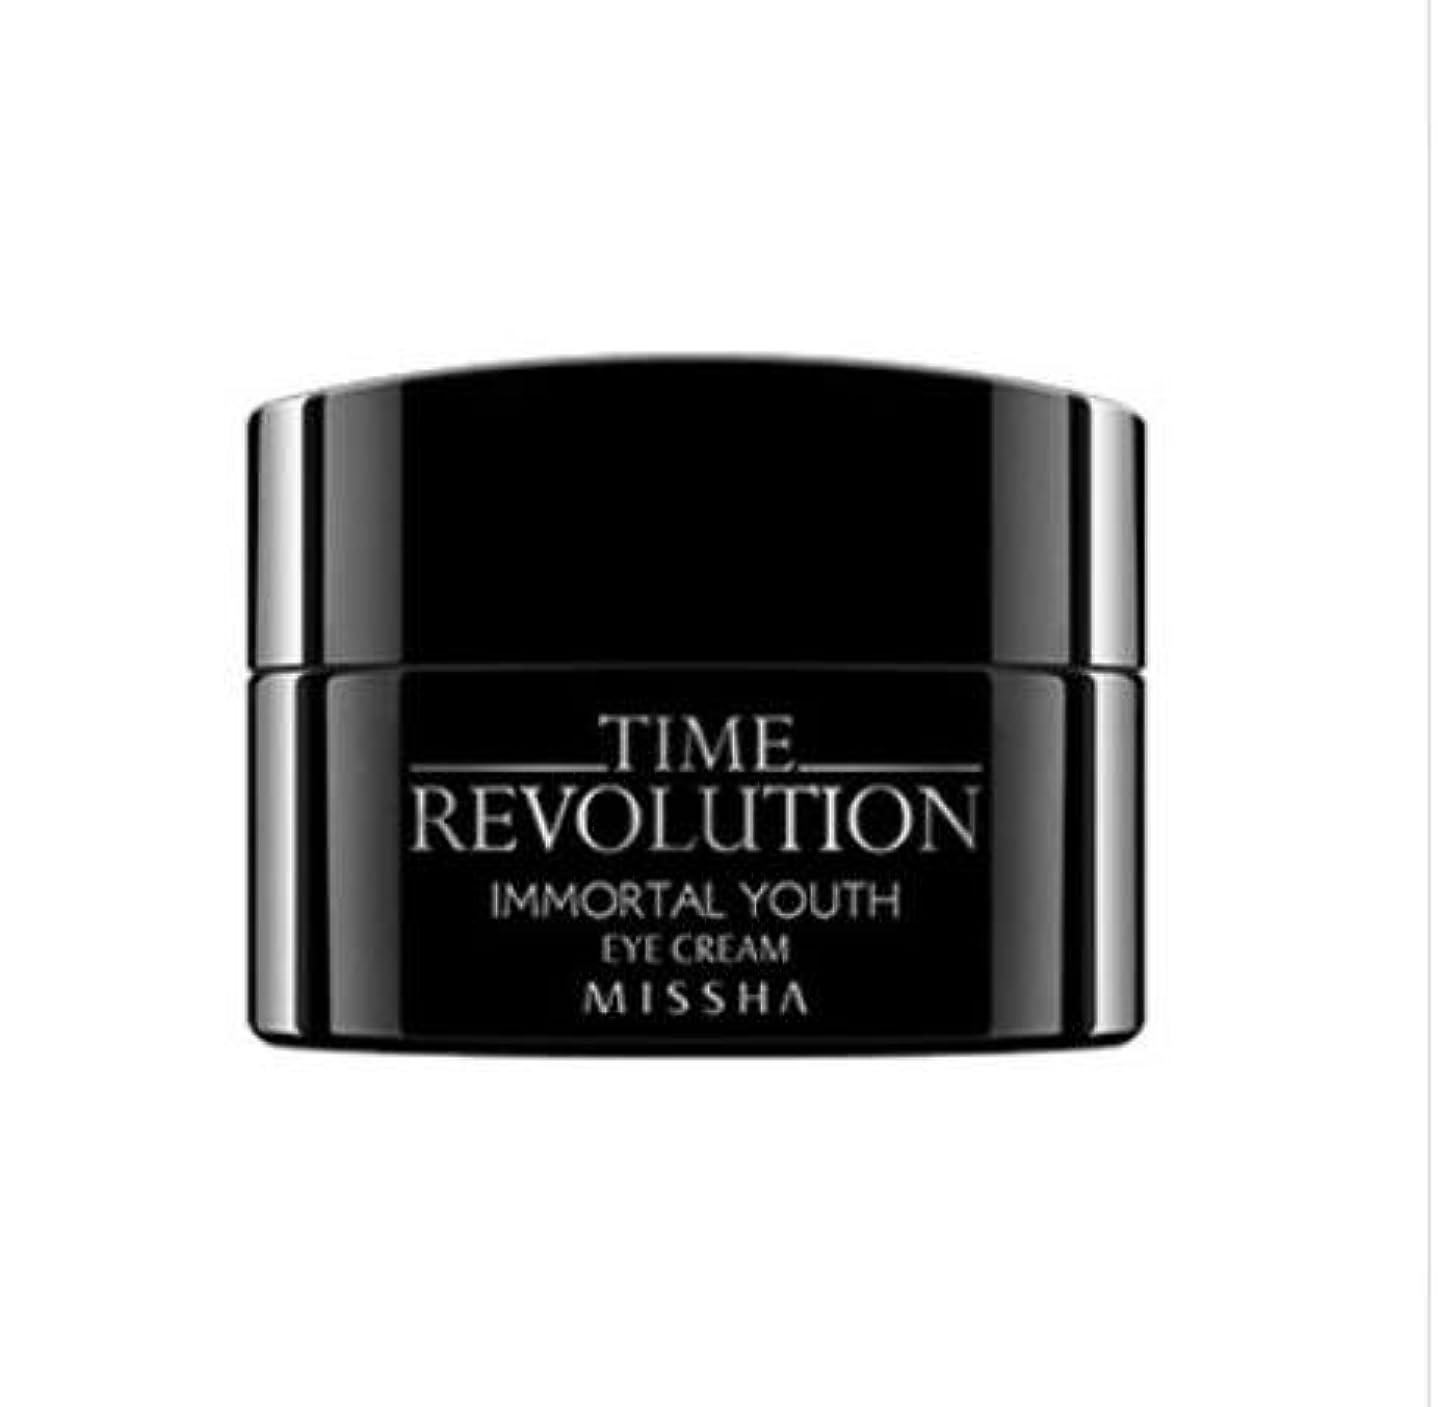 アーサーコナンドイルエーカー読む[ミシャ] Missha [タイムレボリューション イモタルユース アイクリーム](MISSHA Time Revolution Immortal Youth Eye Cream) [並行輸入品]